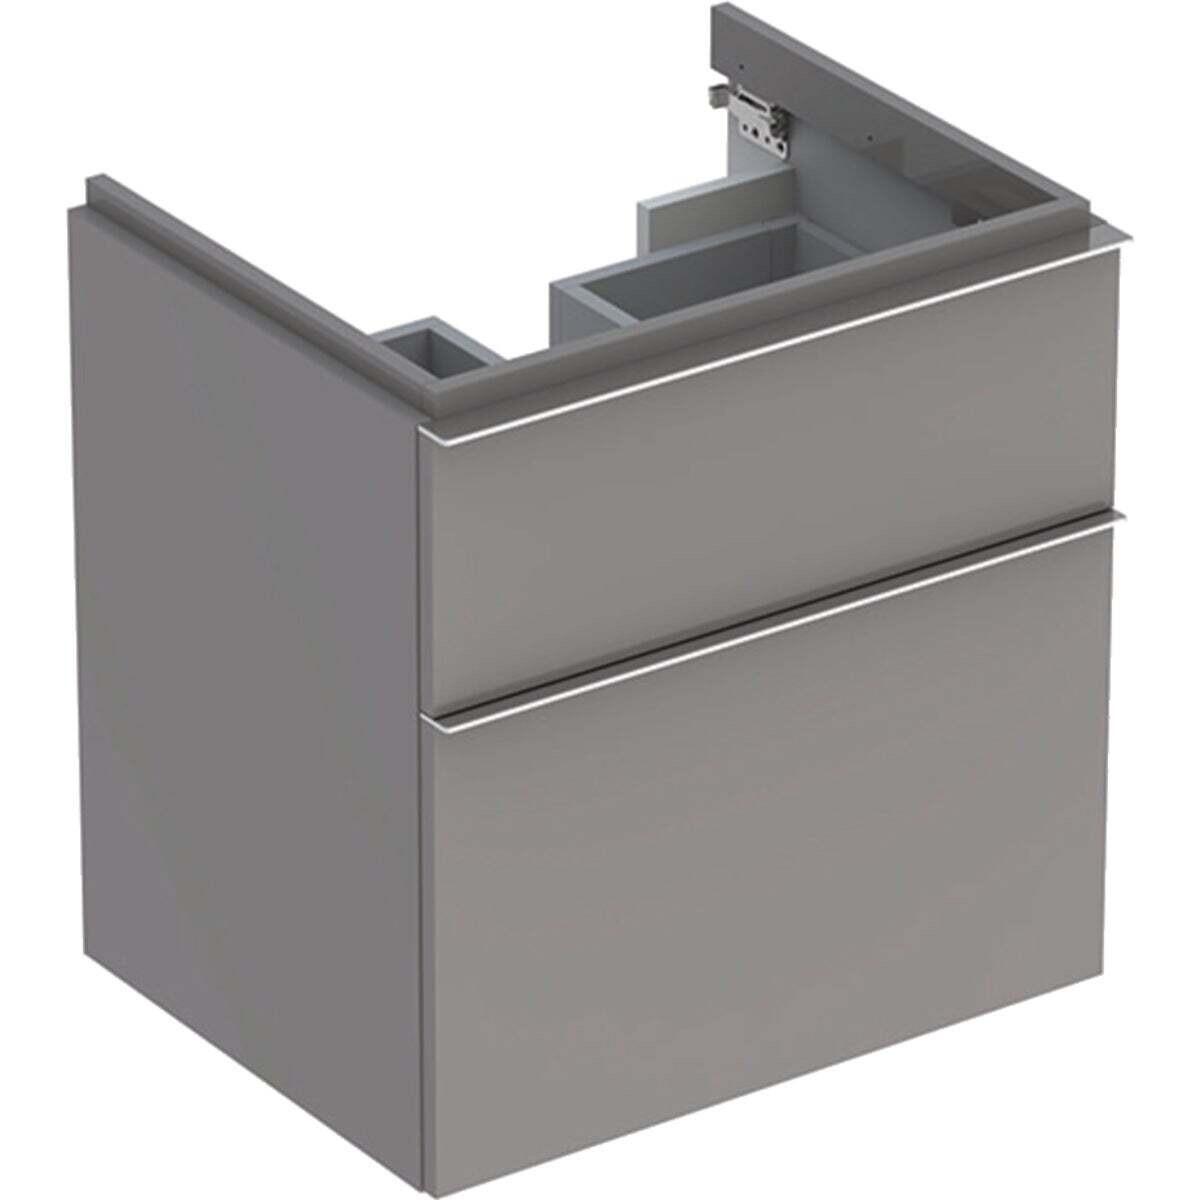 Meuble bas pour lavabo Geberit iCon 60 cm avec deux tiroirs platine laqué ultra-brillant